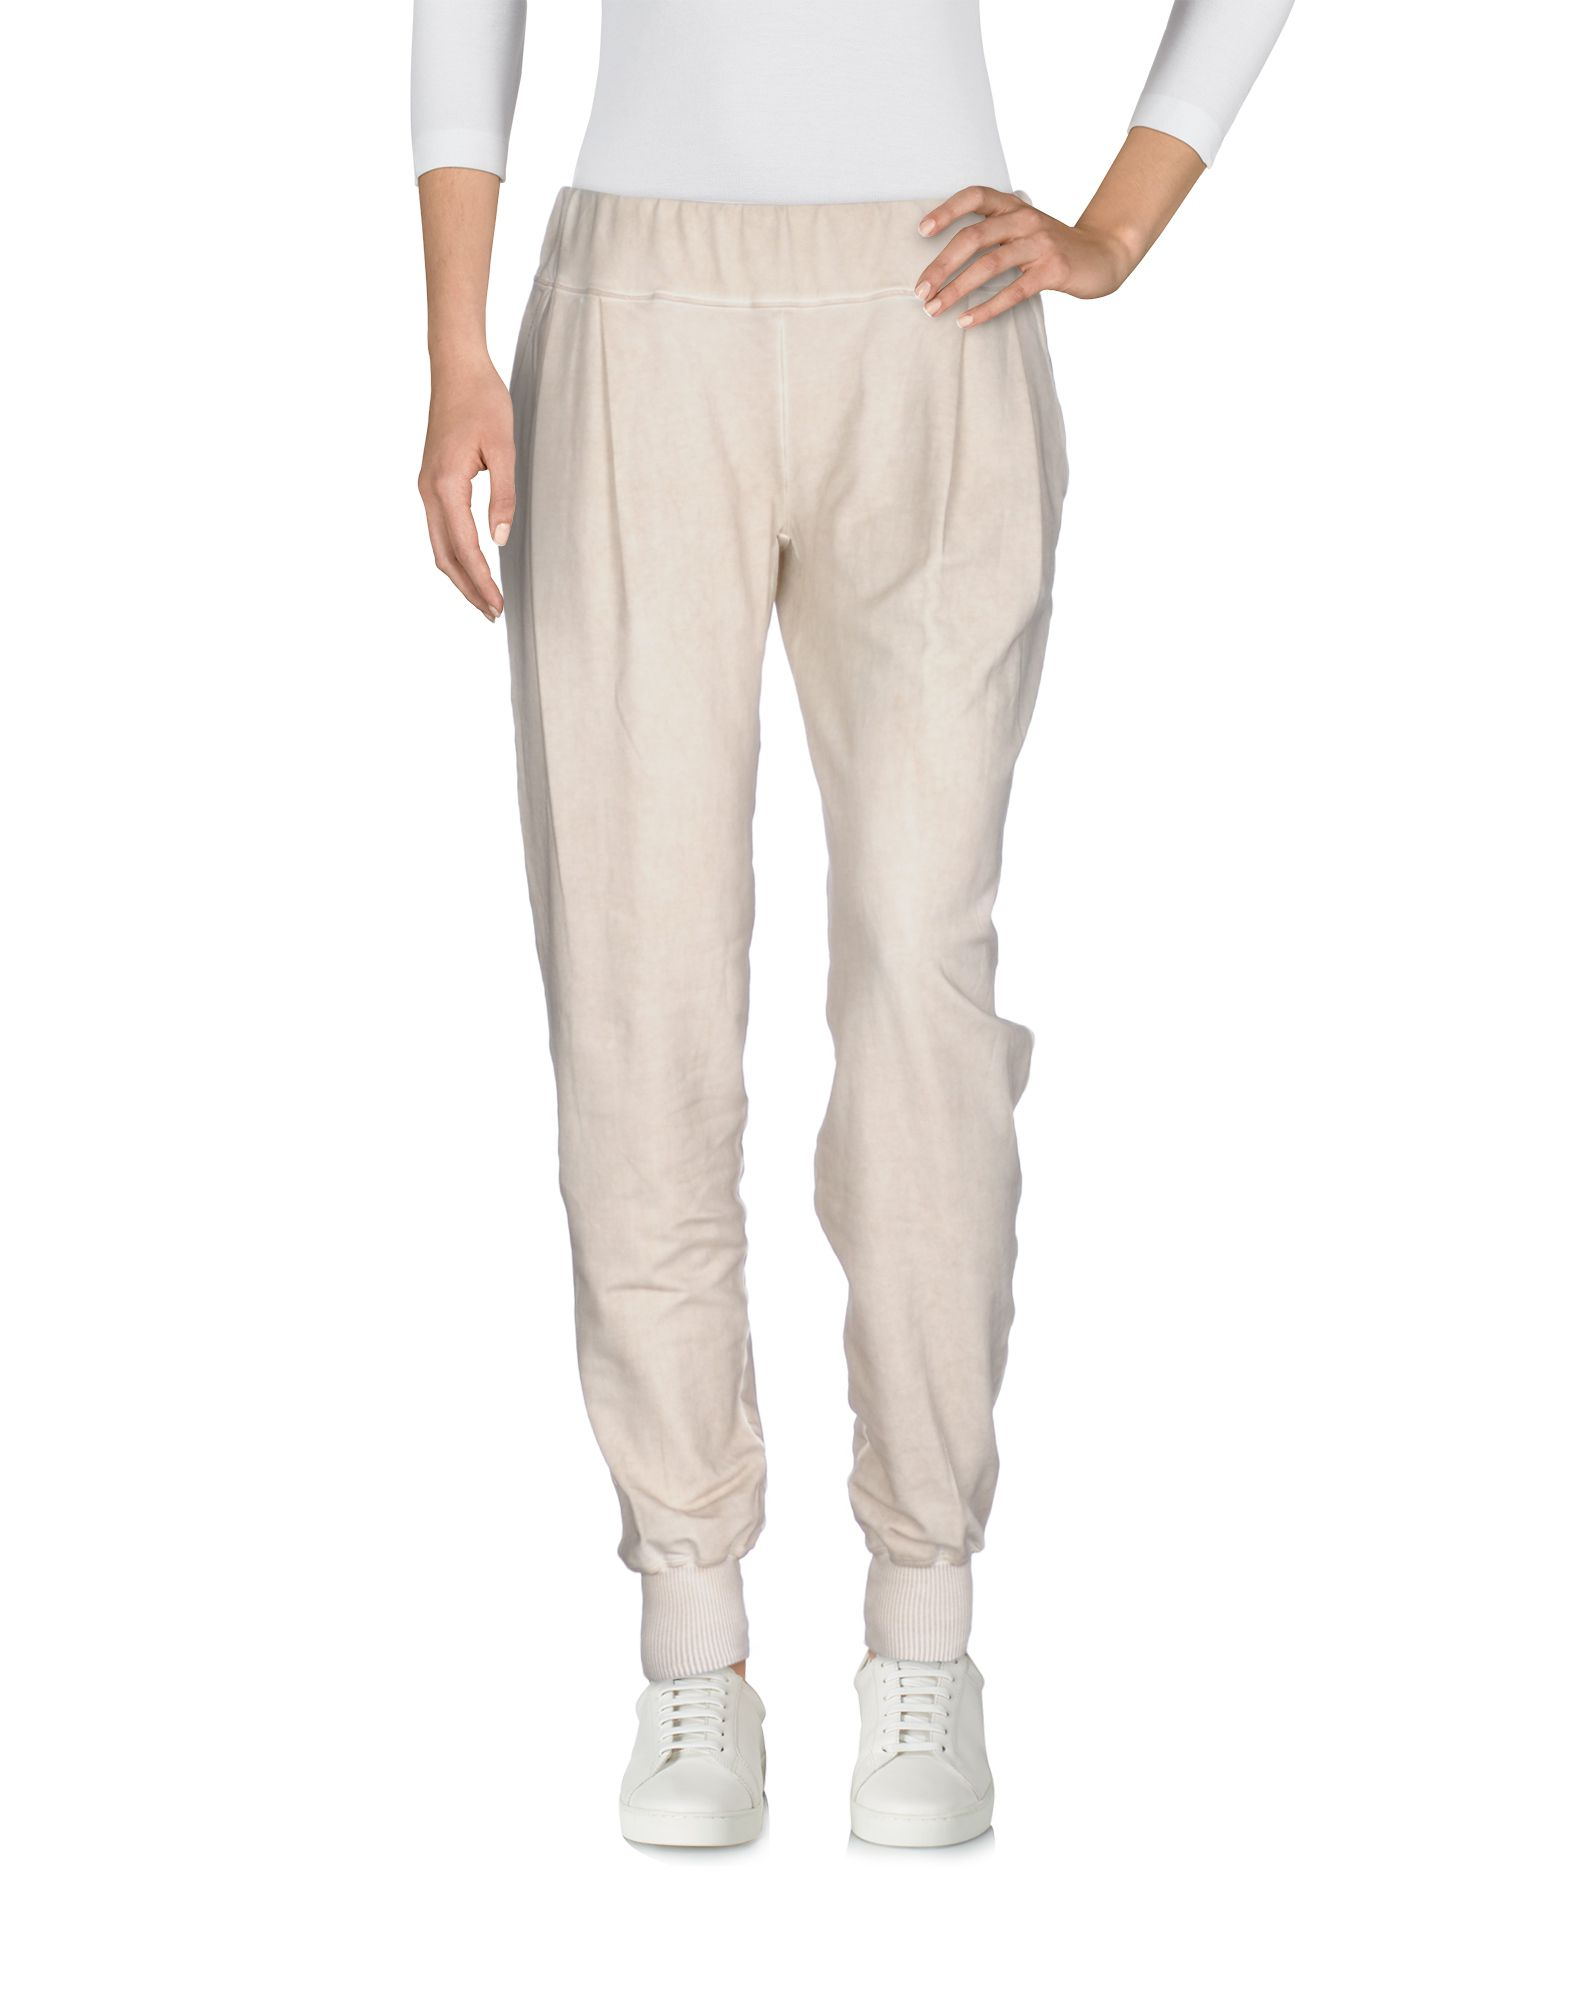 купить LOIZA by PATRIZIA PEPE Повседневные брюки по цене 5750 рублей